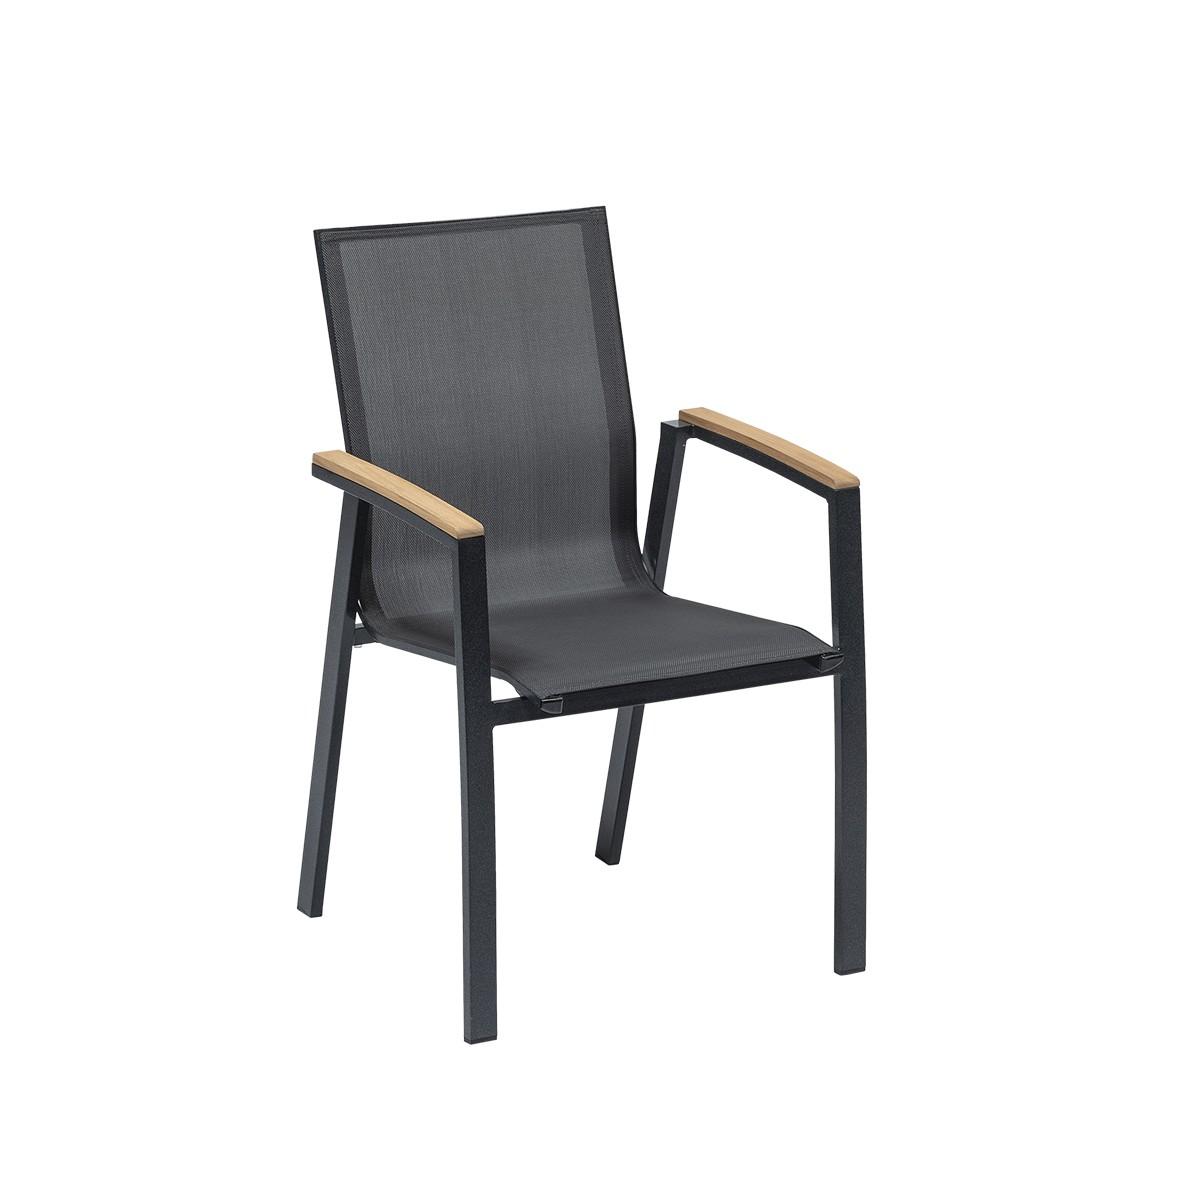 Sedia T-black Con Braccioli, Struttura In Alluminio Color Antracite E Seduta In Textilene Grigio Scuro. I Braccioli Presentano Un Inserto In Ceramica Effetto Legno.